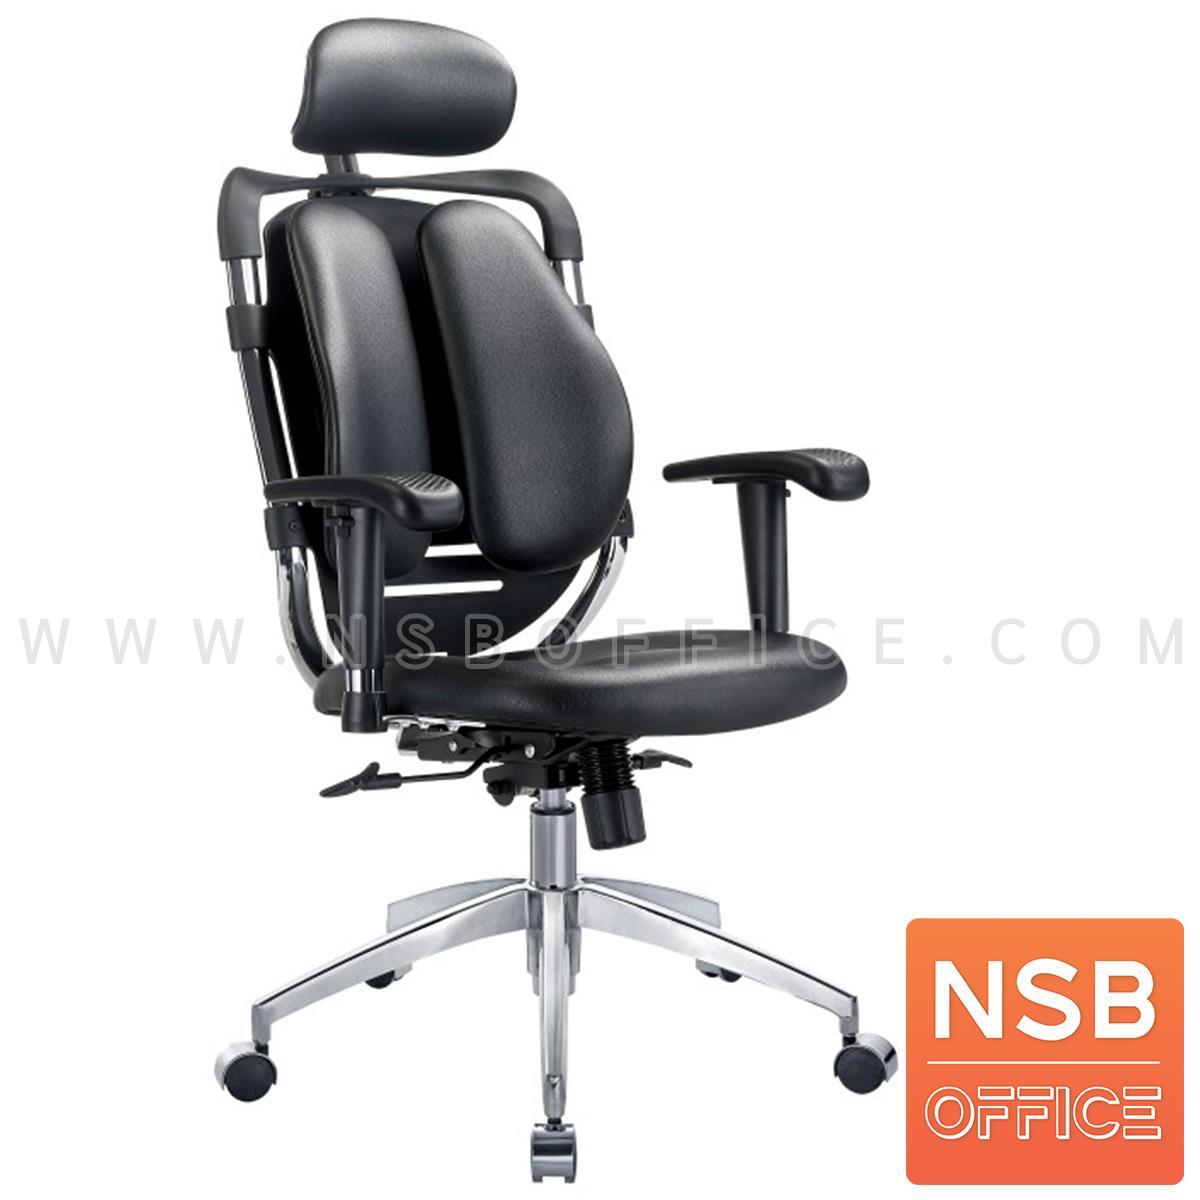 B01A536:เก้าอี้ผู้บริหารเพื่อสุขภาพ รุ่น Wilona (วิลโอนา) หนังแท้ ขาอลูมิเนียม